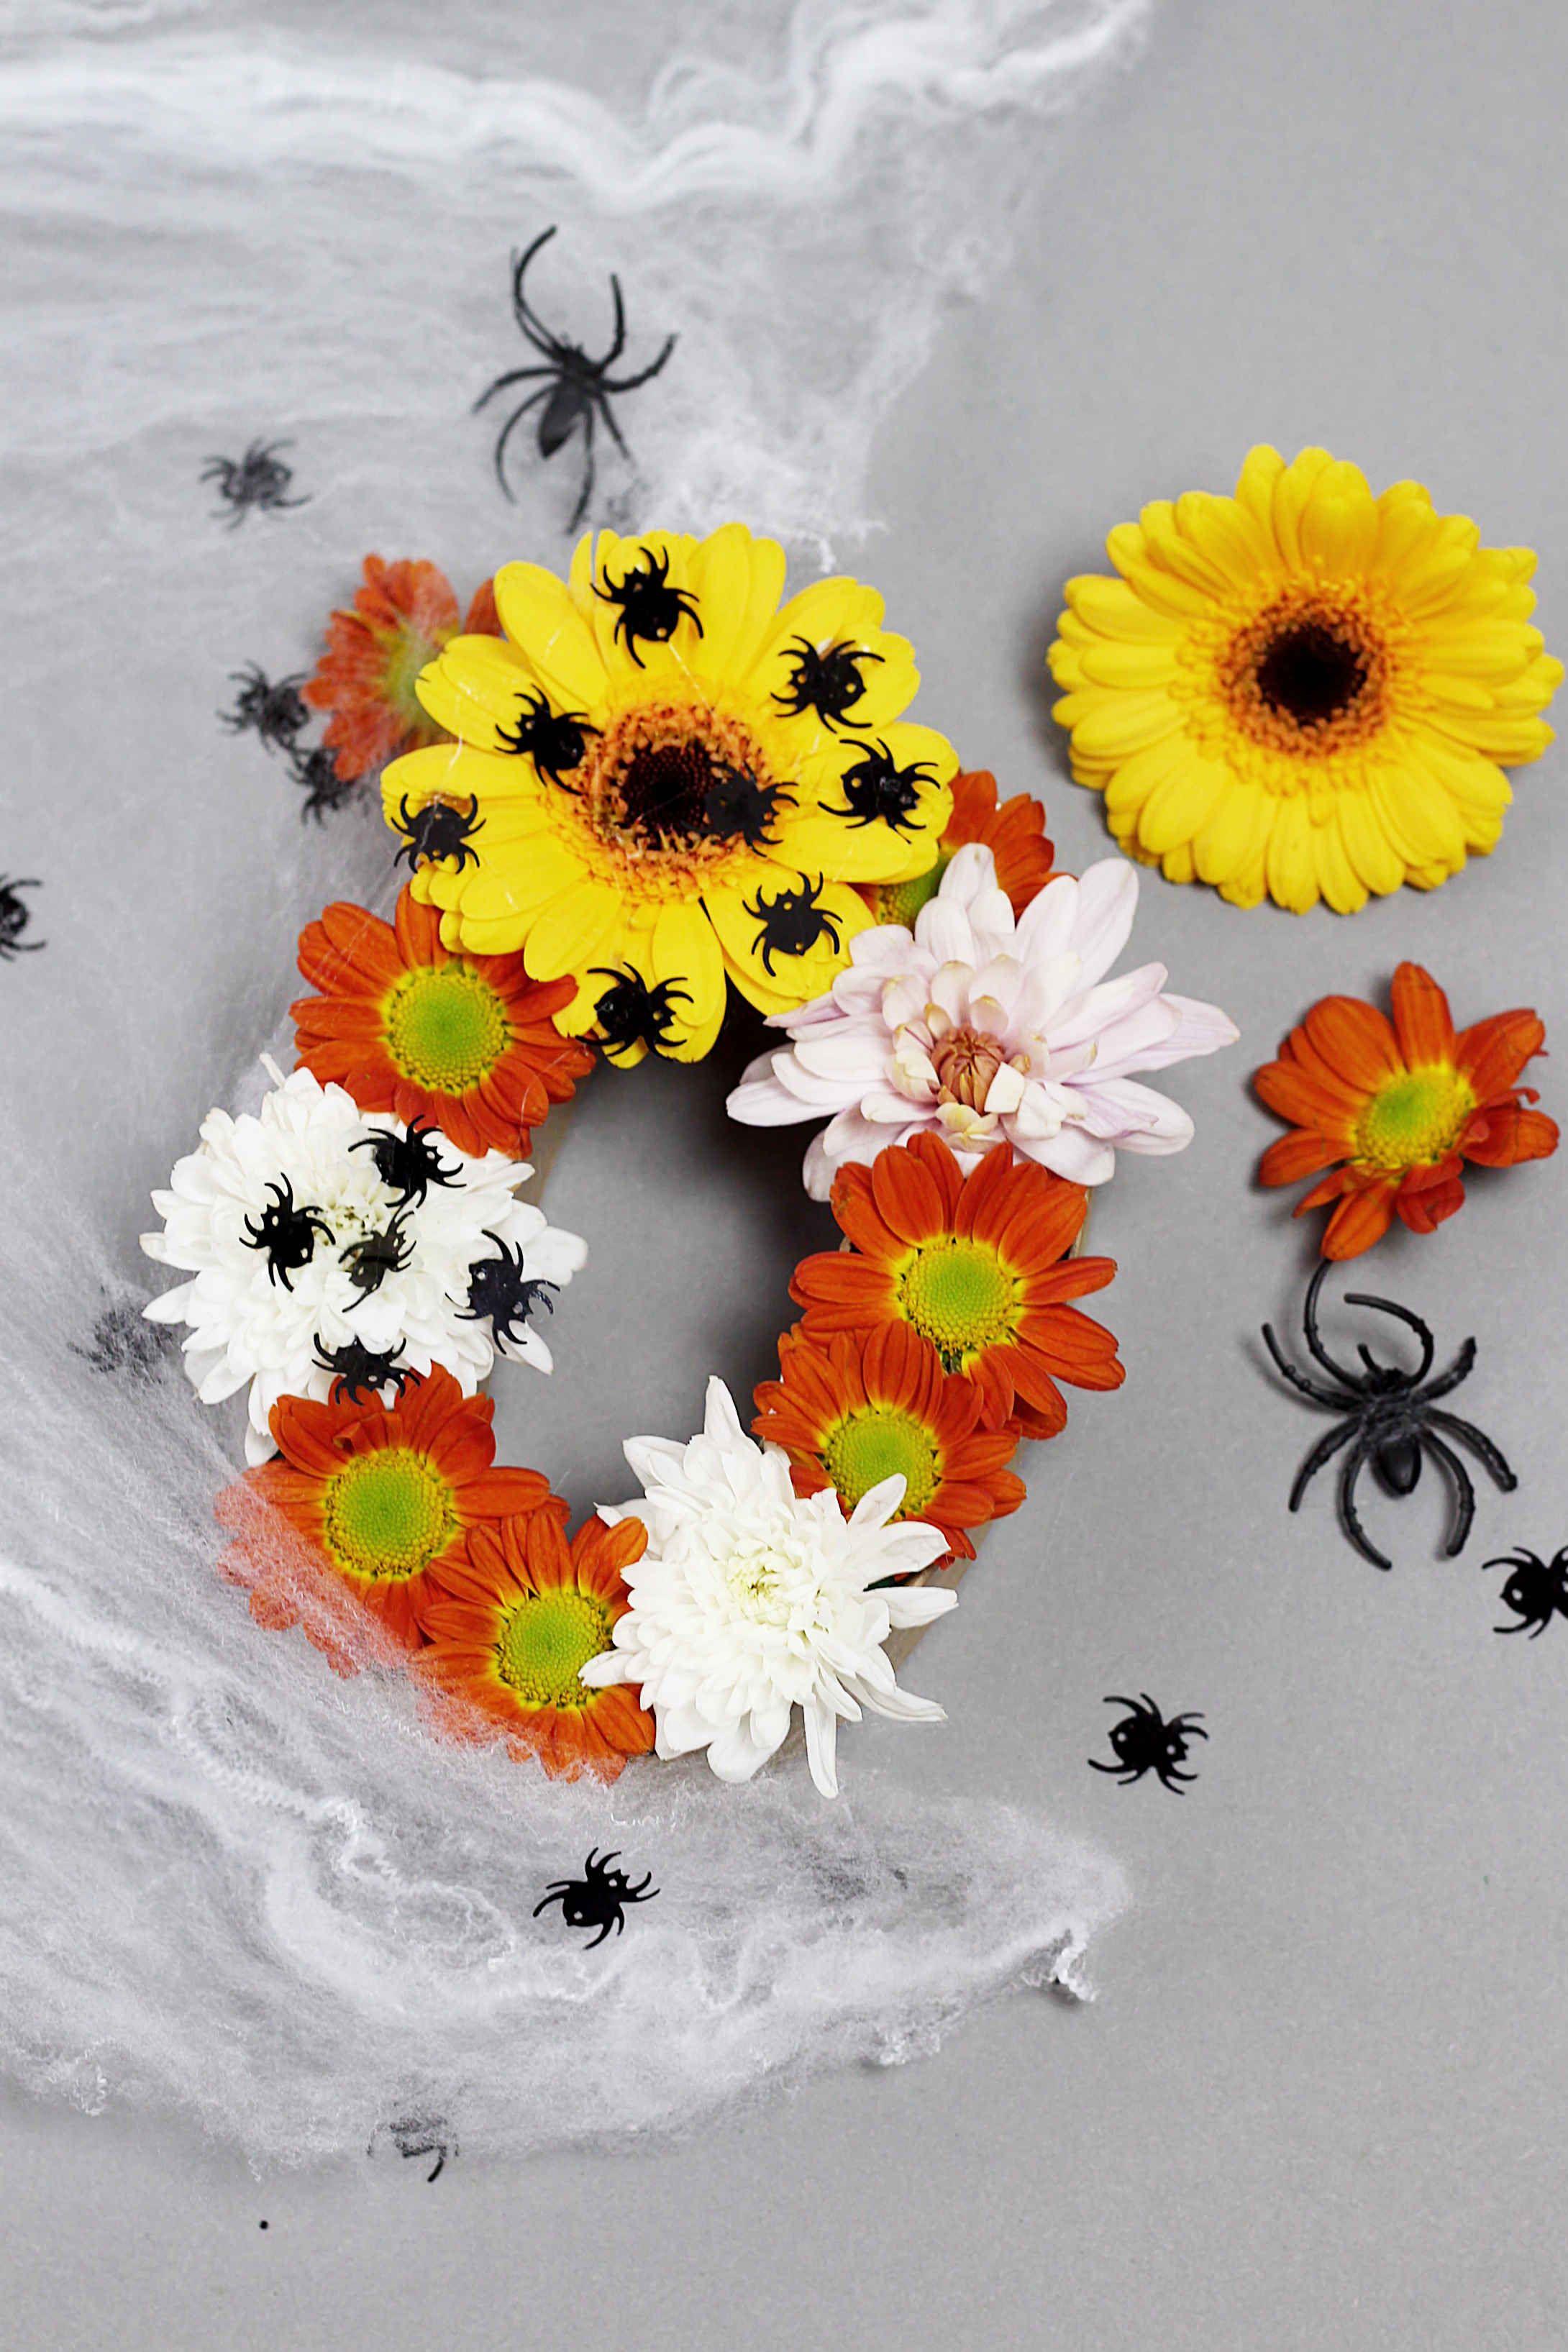 Diy Halloween Deko Basteln Mit Blumen Kreative Diy Ideen Halloween Deko Basteln Halloweendeko Halloween Deko